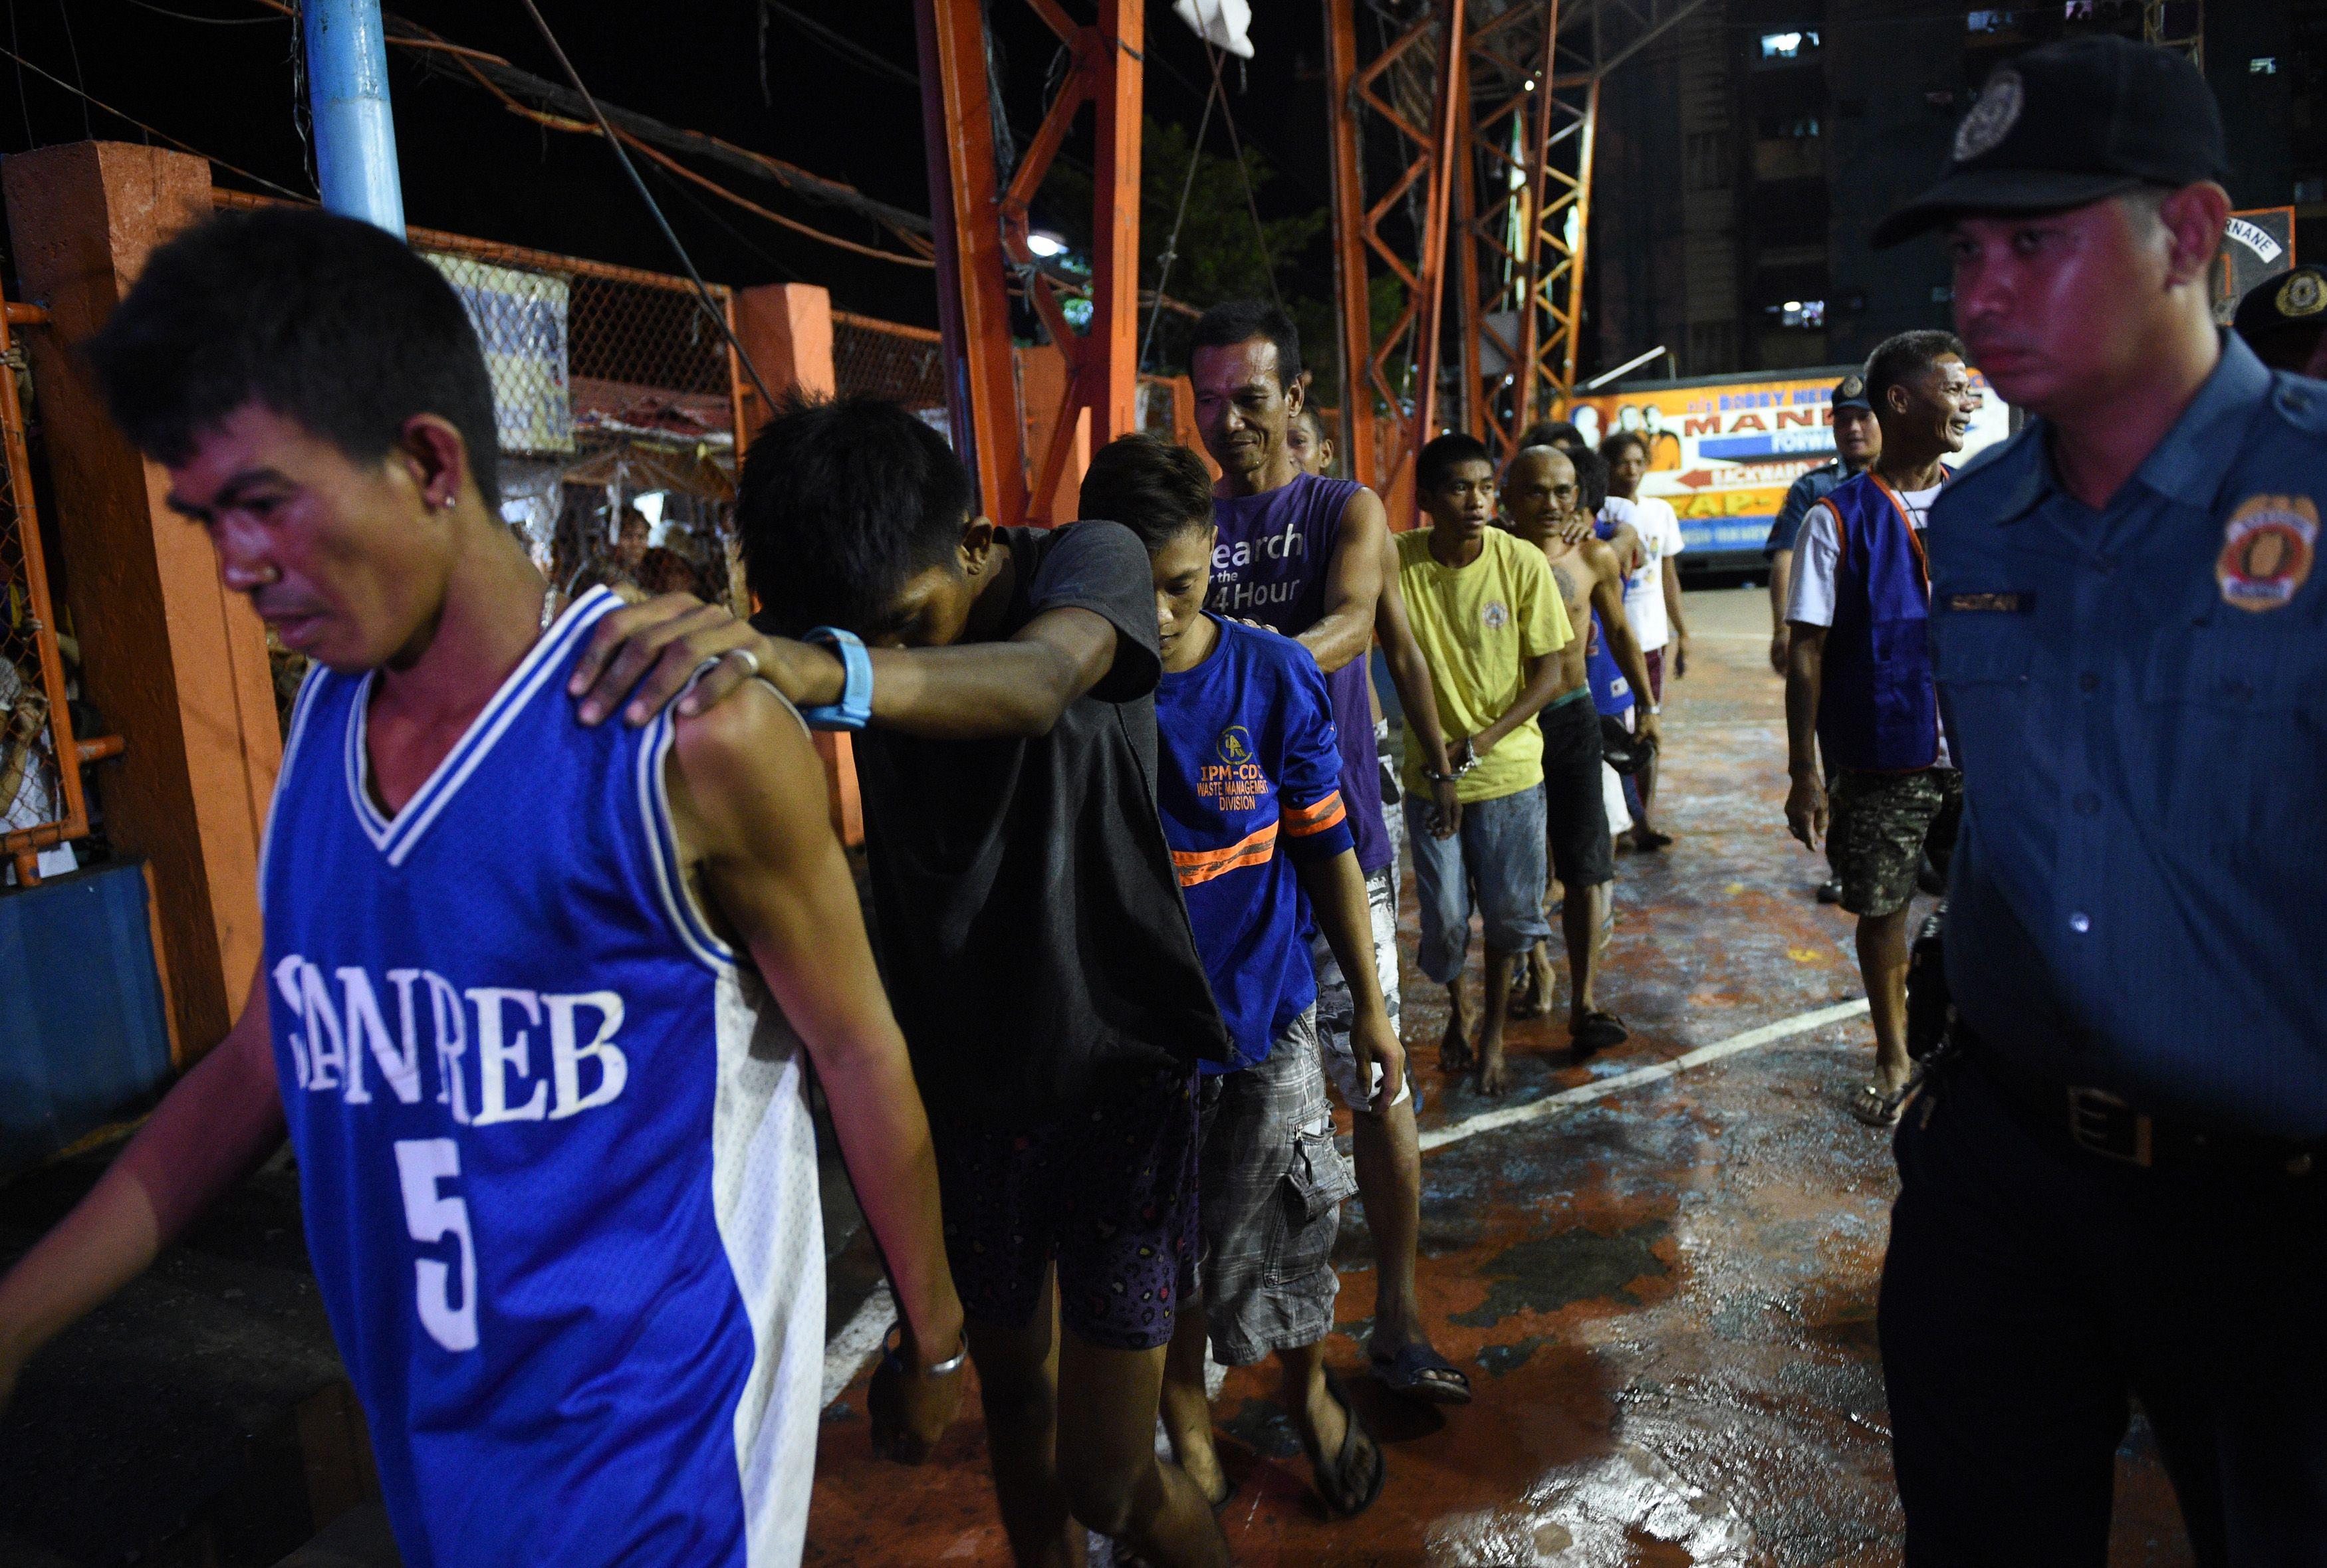 La Policía arrestó a usuarios y vendedores de droga en Manila